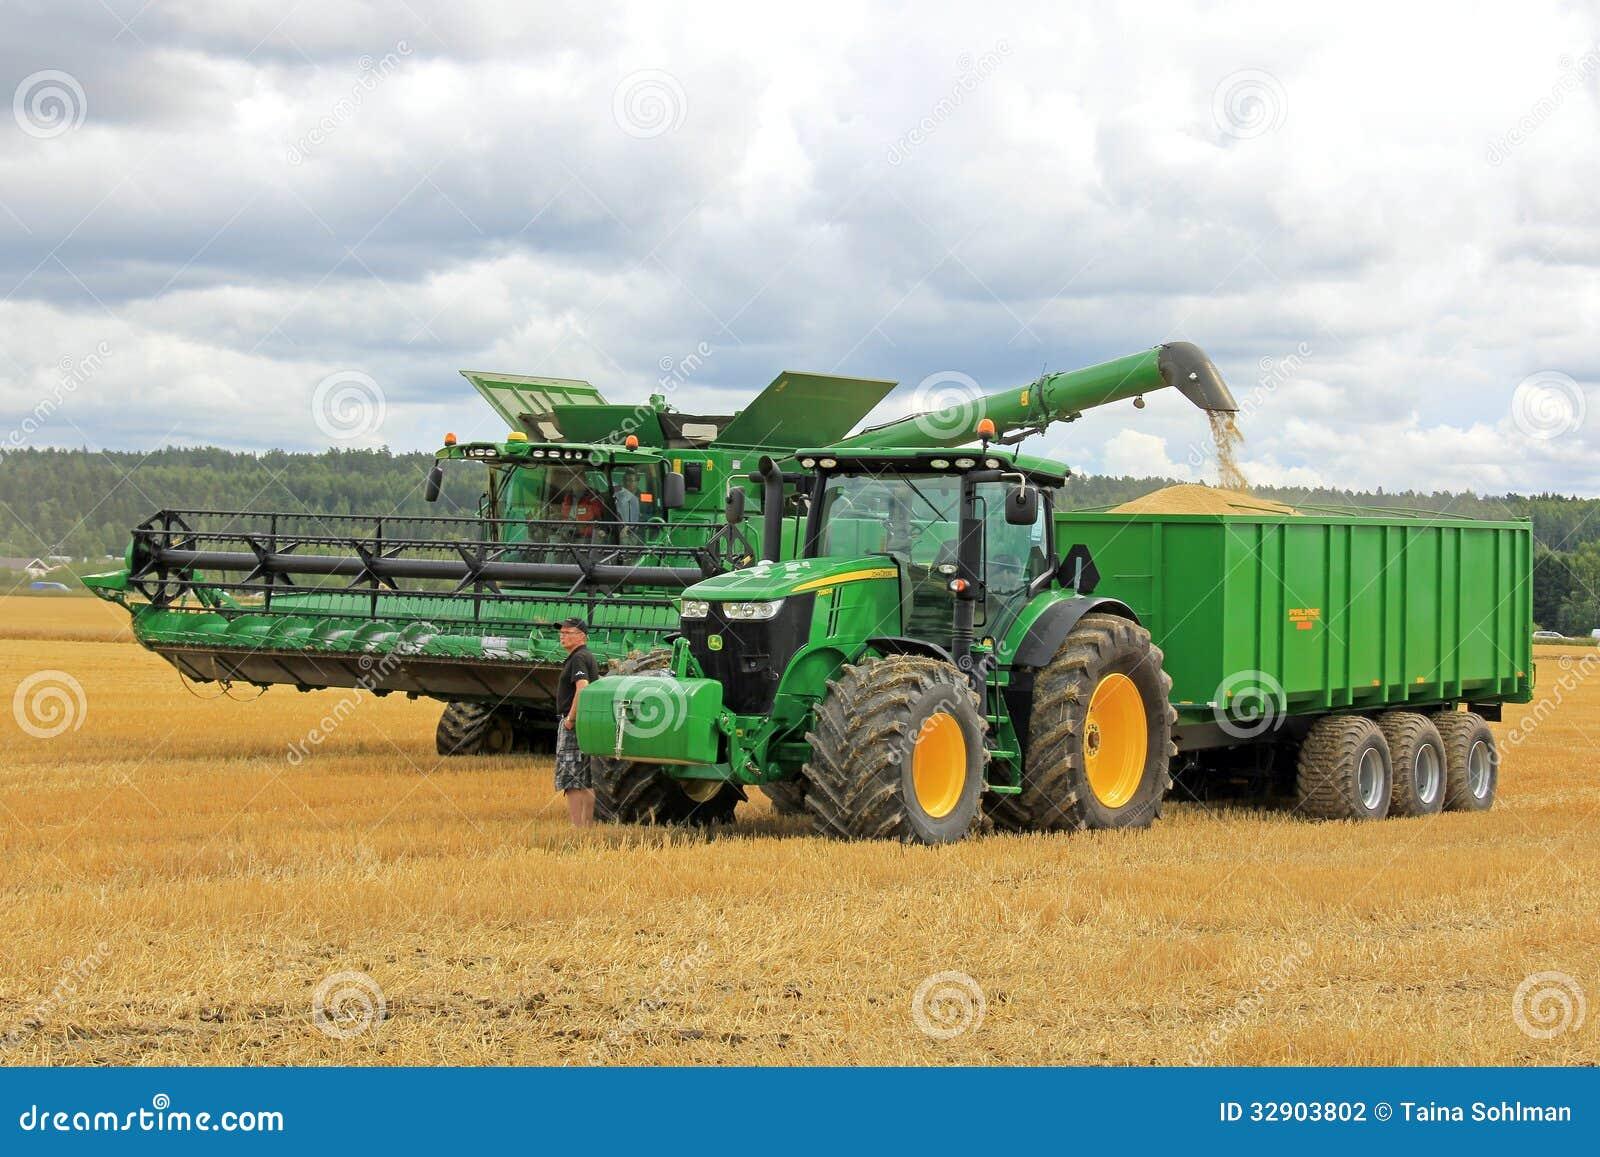 John Deere Combine Unloading Grain